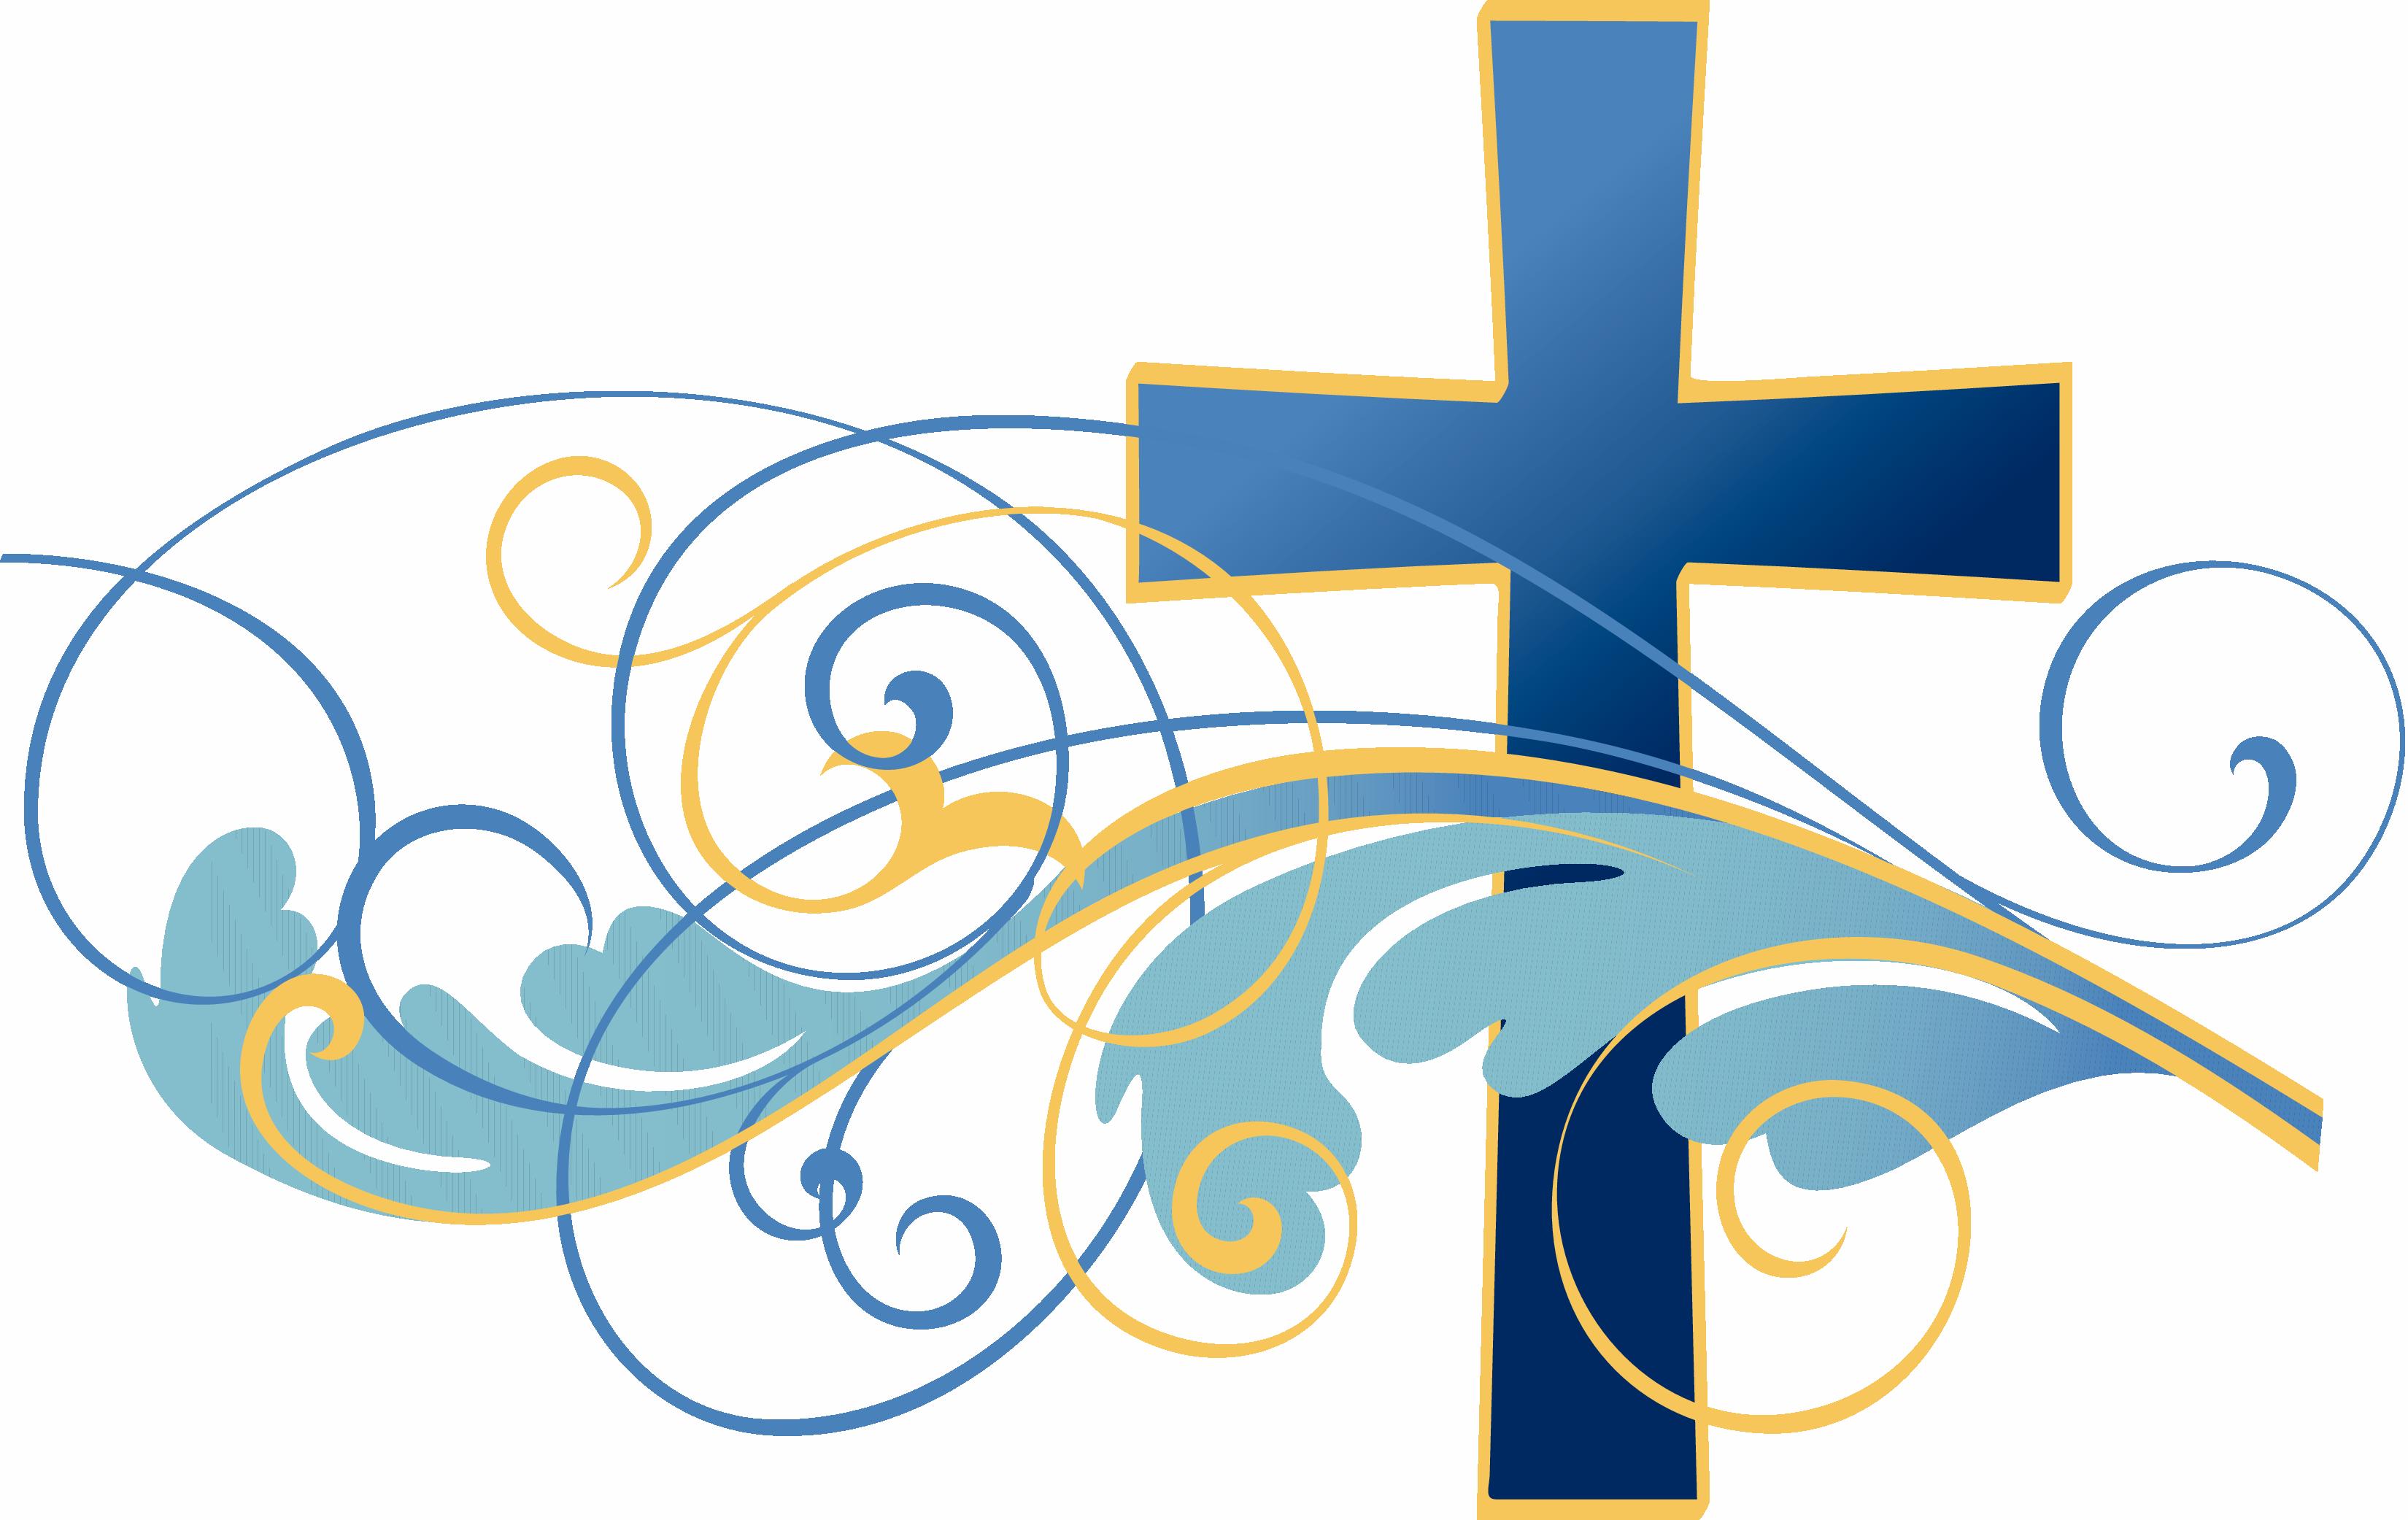 3300x2083 Christian Church Clipart 2219571